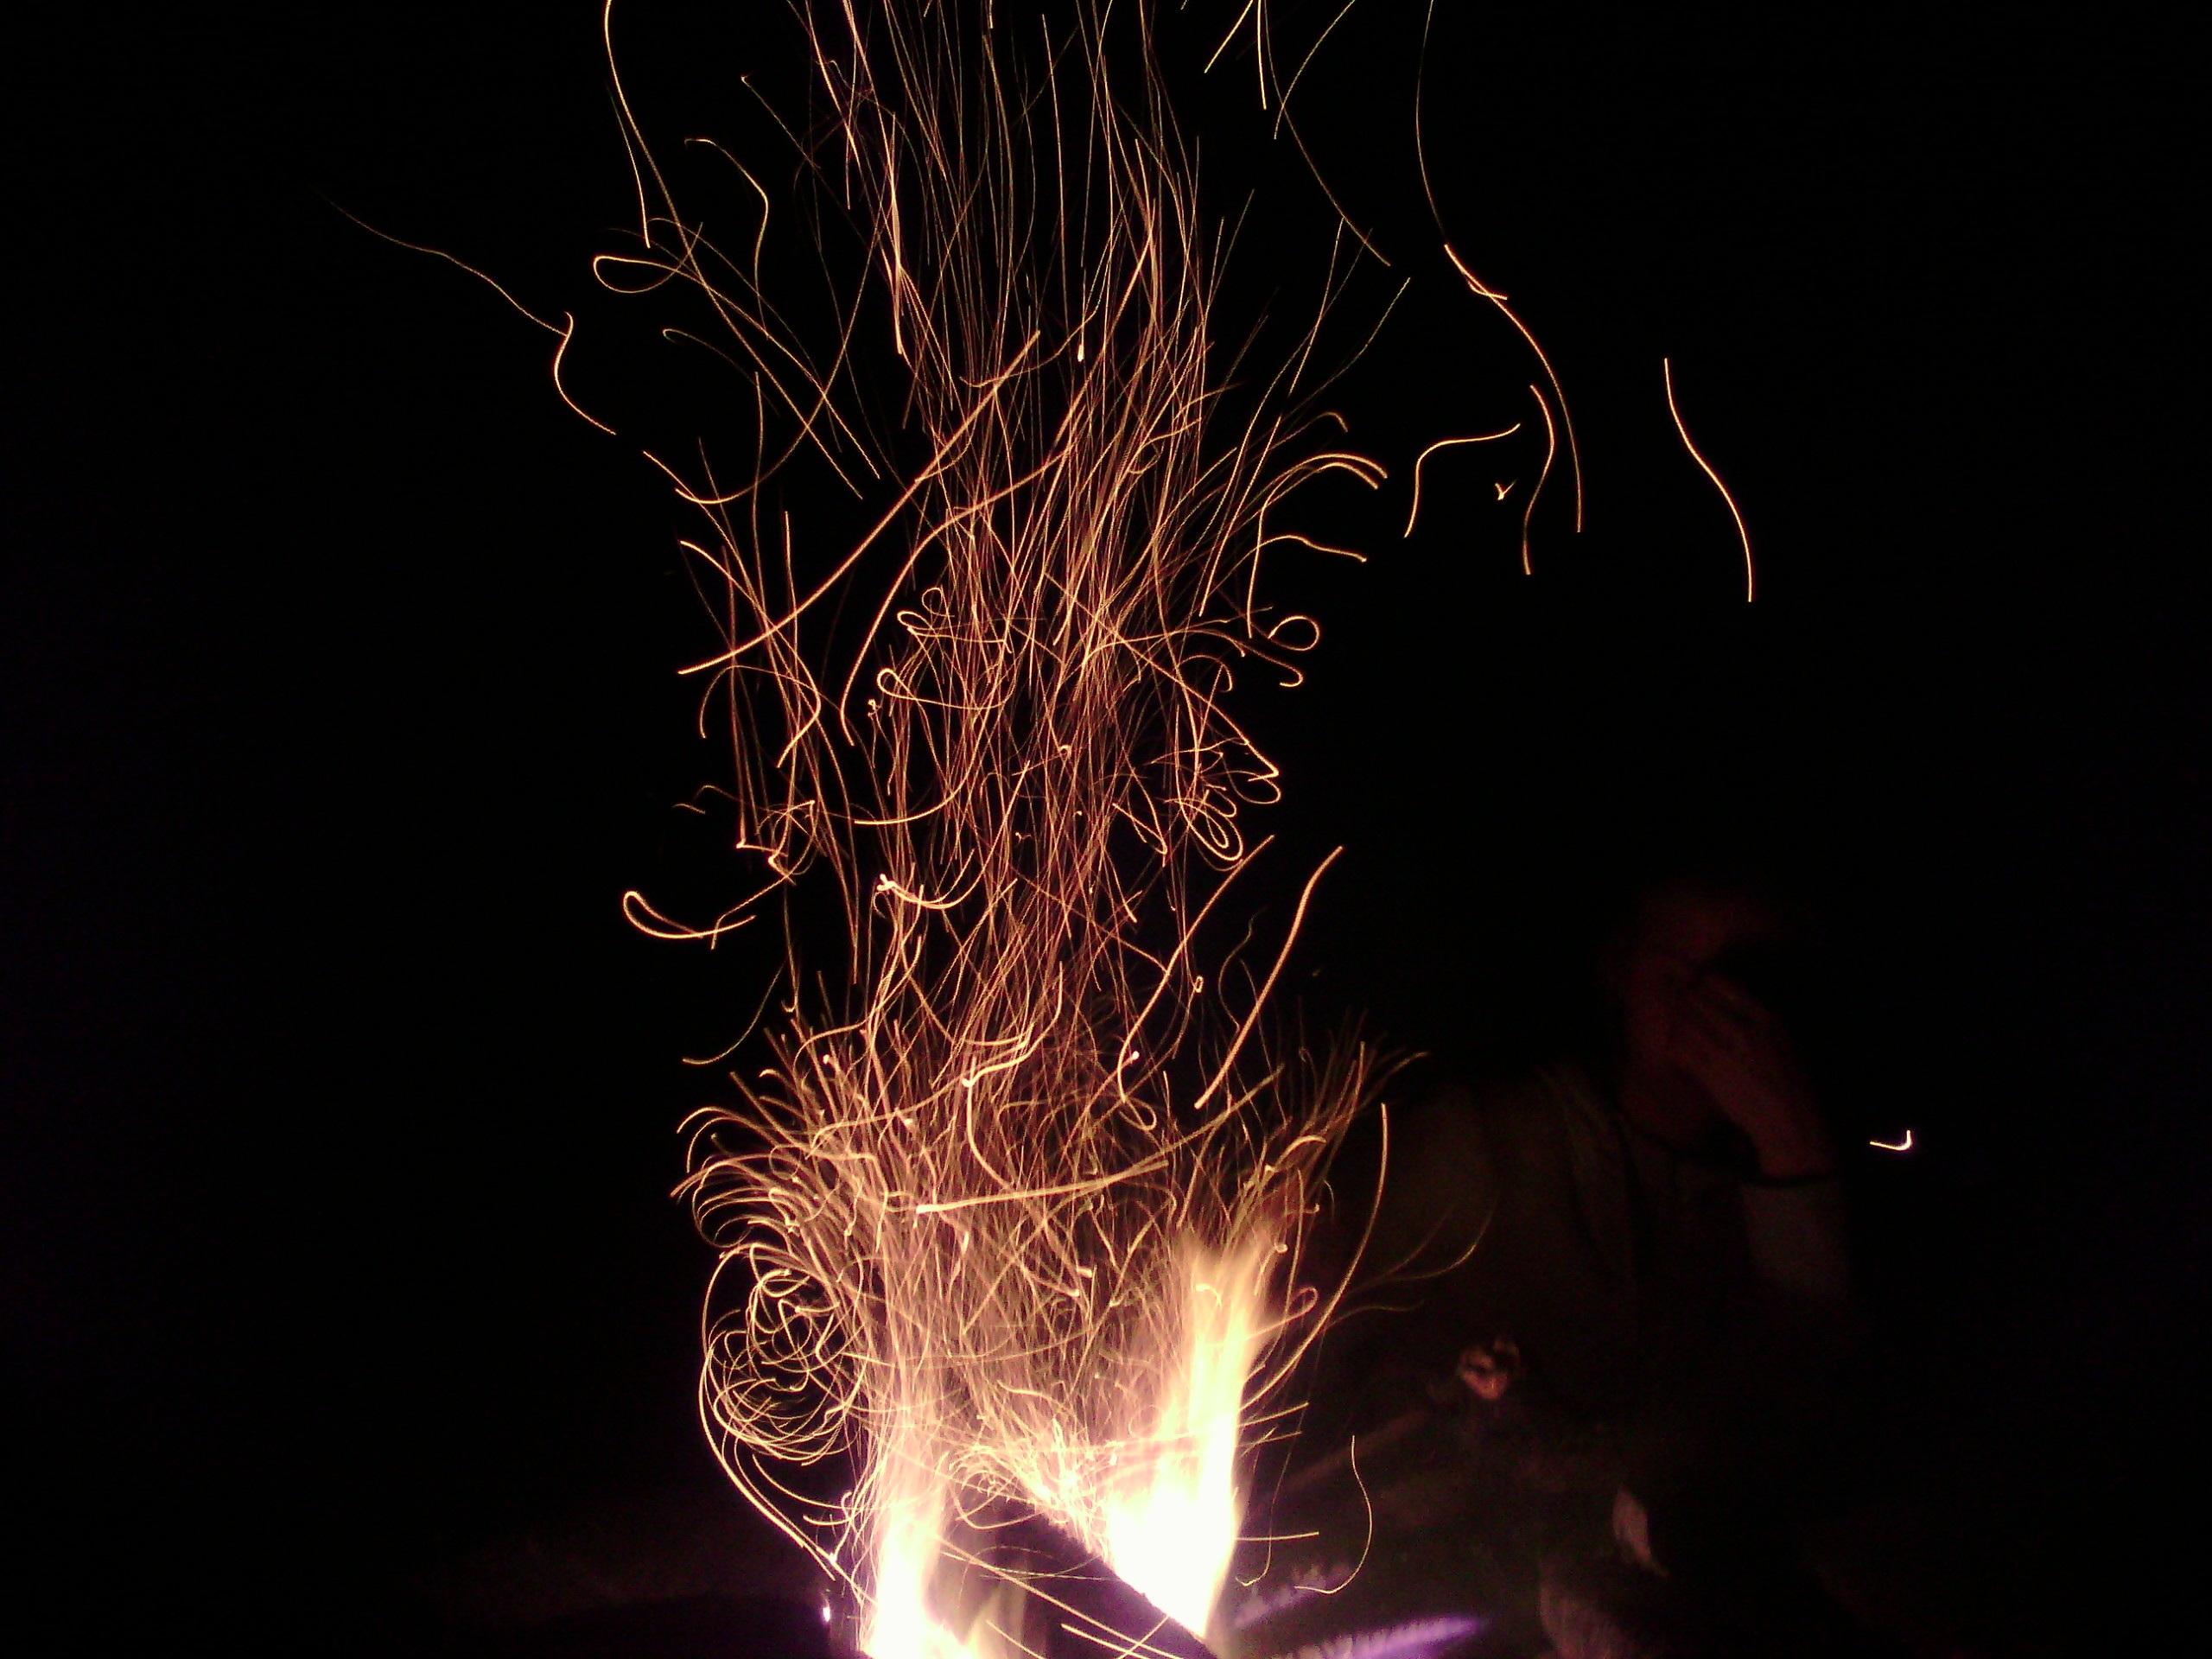 могут быть картинки пламя огонек искра большому облегчению